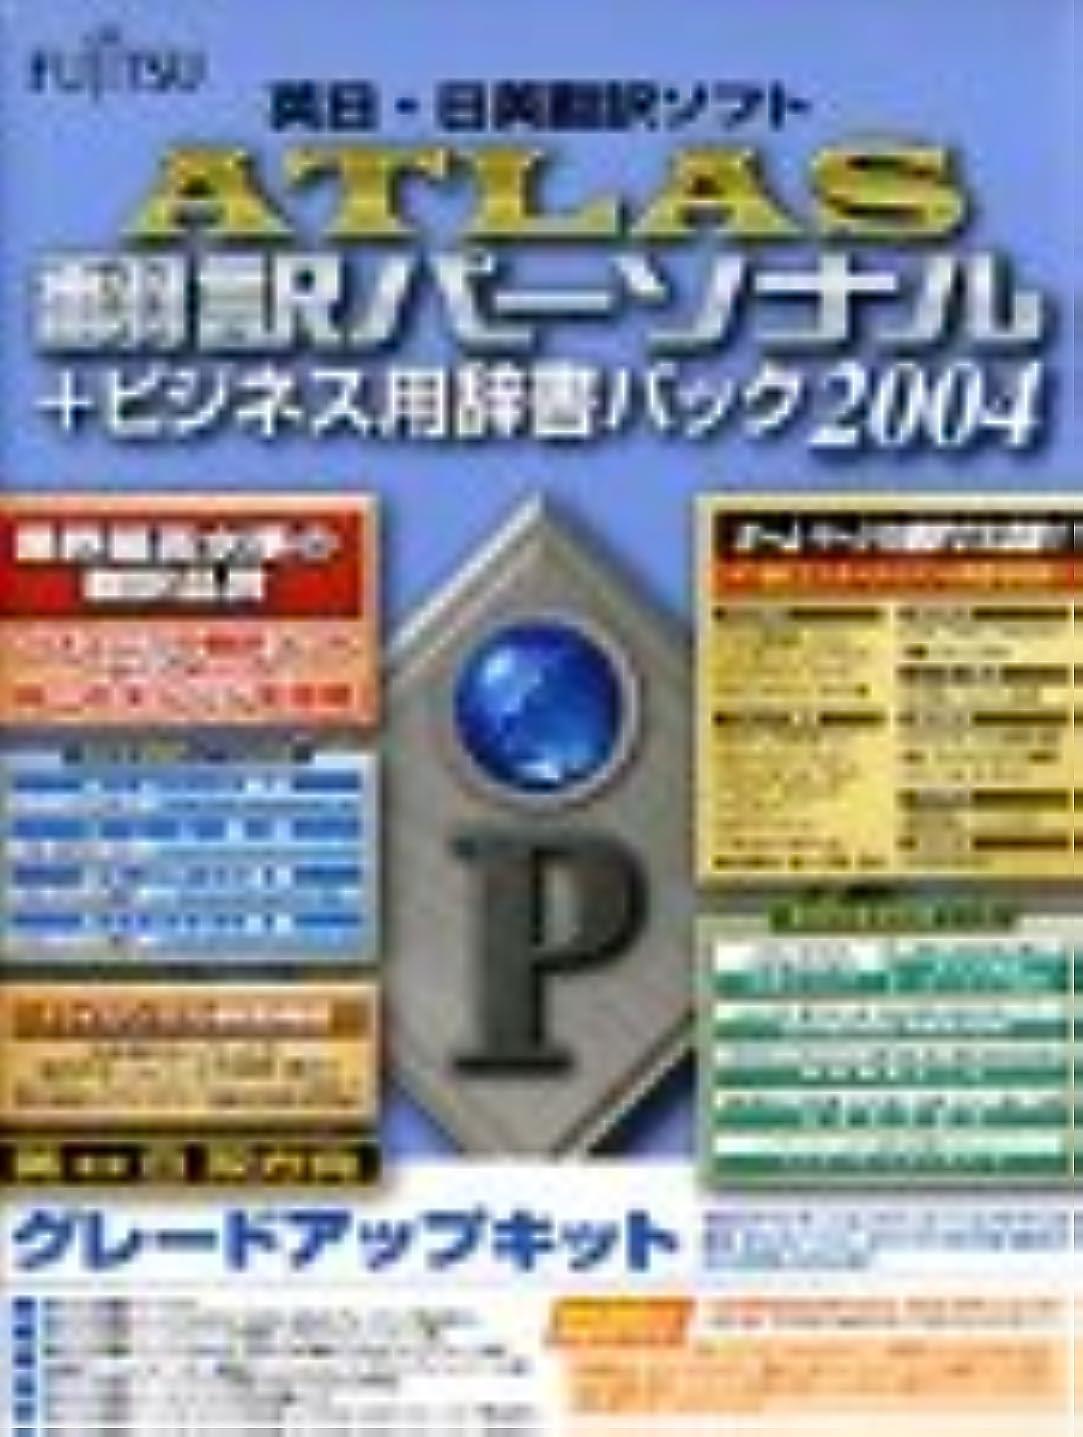 ささいな接続詞淡いATLAS翻訳パーソナル+ビジネス用辞書パック グレードアップキット 2004